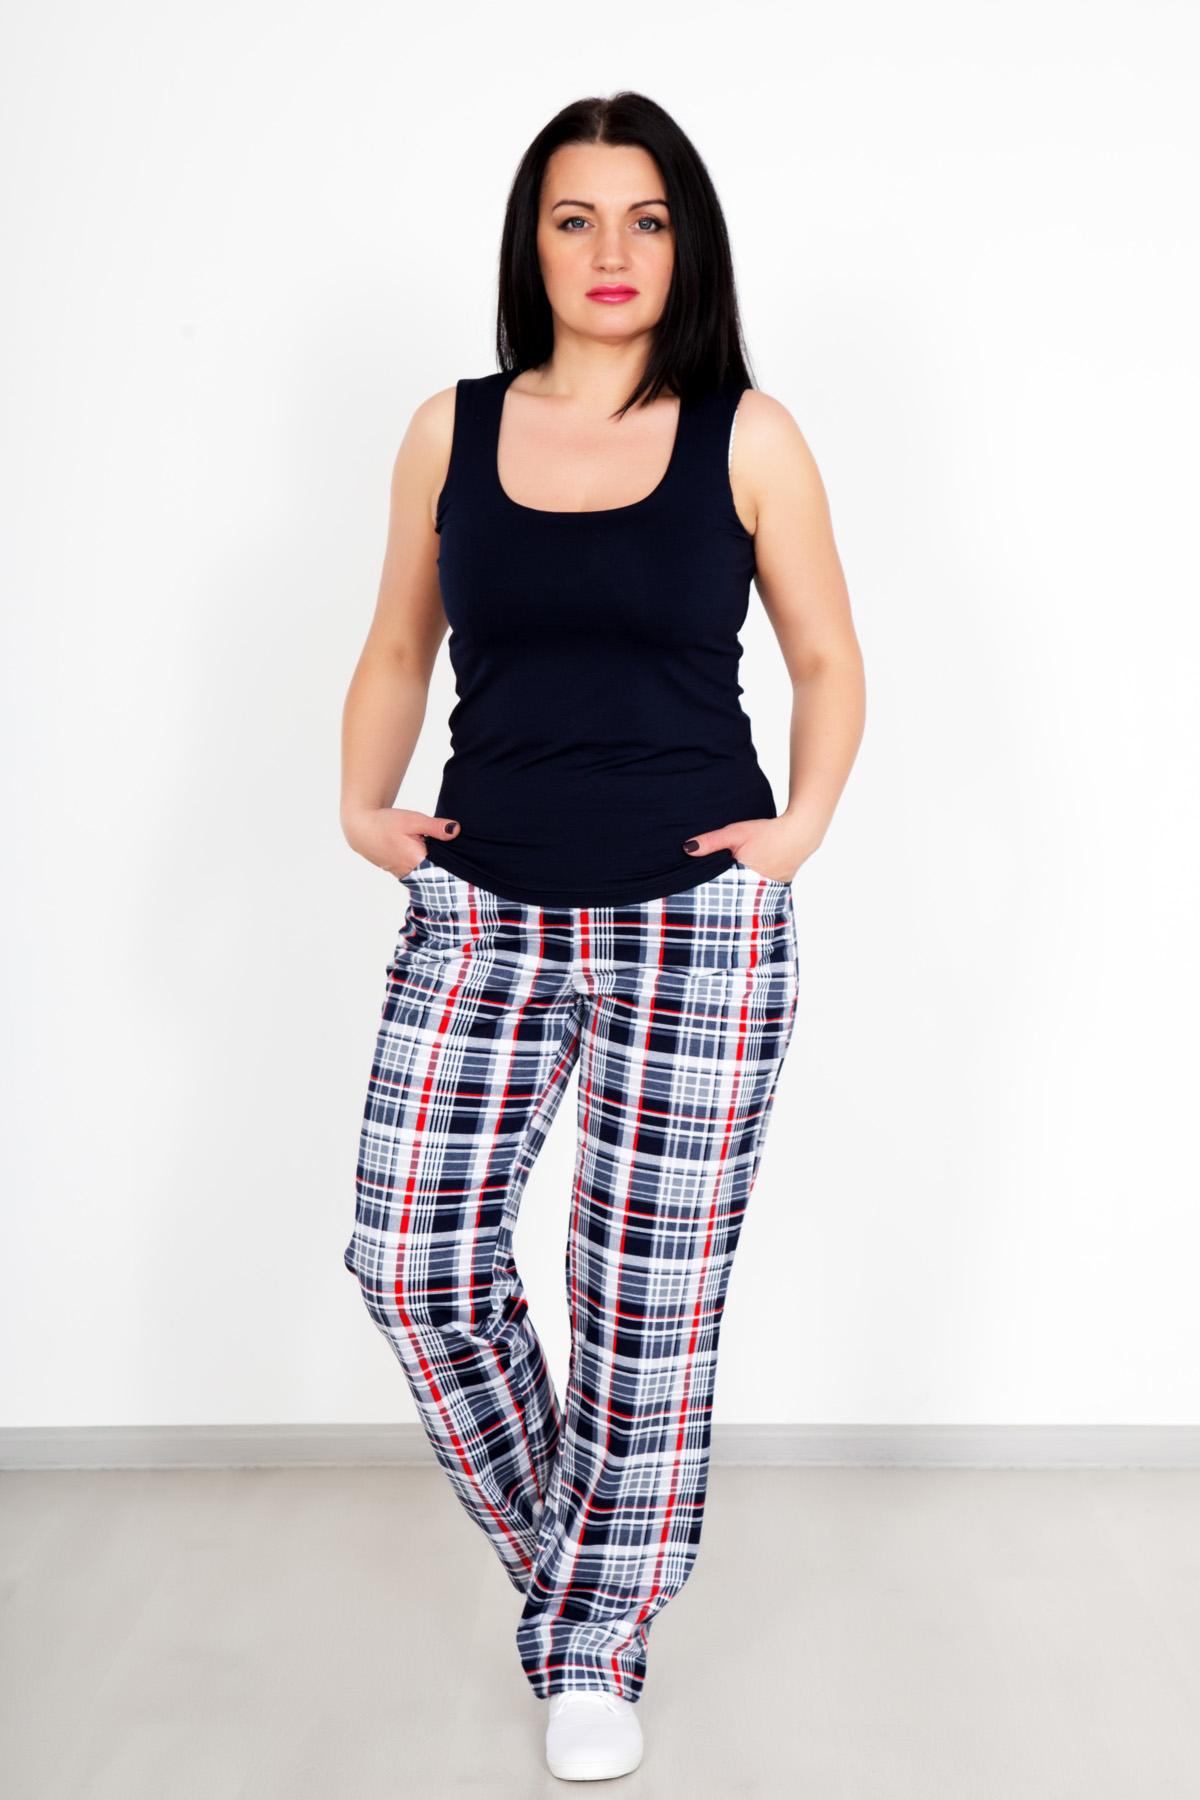 Жен. брюки Уют р. 48Распродажа женской одежды<br>Обхват груди: 96 см <br>Обхват талии: 78 см <br>Обхват бедер: 104 см <br>Высота посадки: 24 см <br>Длина брючин по внут. шву: 79 см <br>Рост: 167 см<br><br>Тип: Жен. брюки<br>Размер: 48<br>Материал: Кулирка